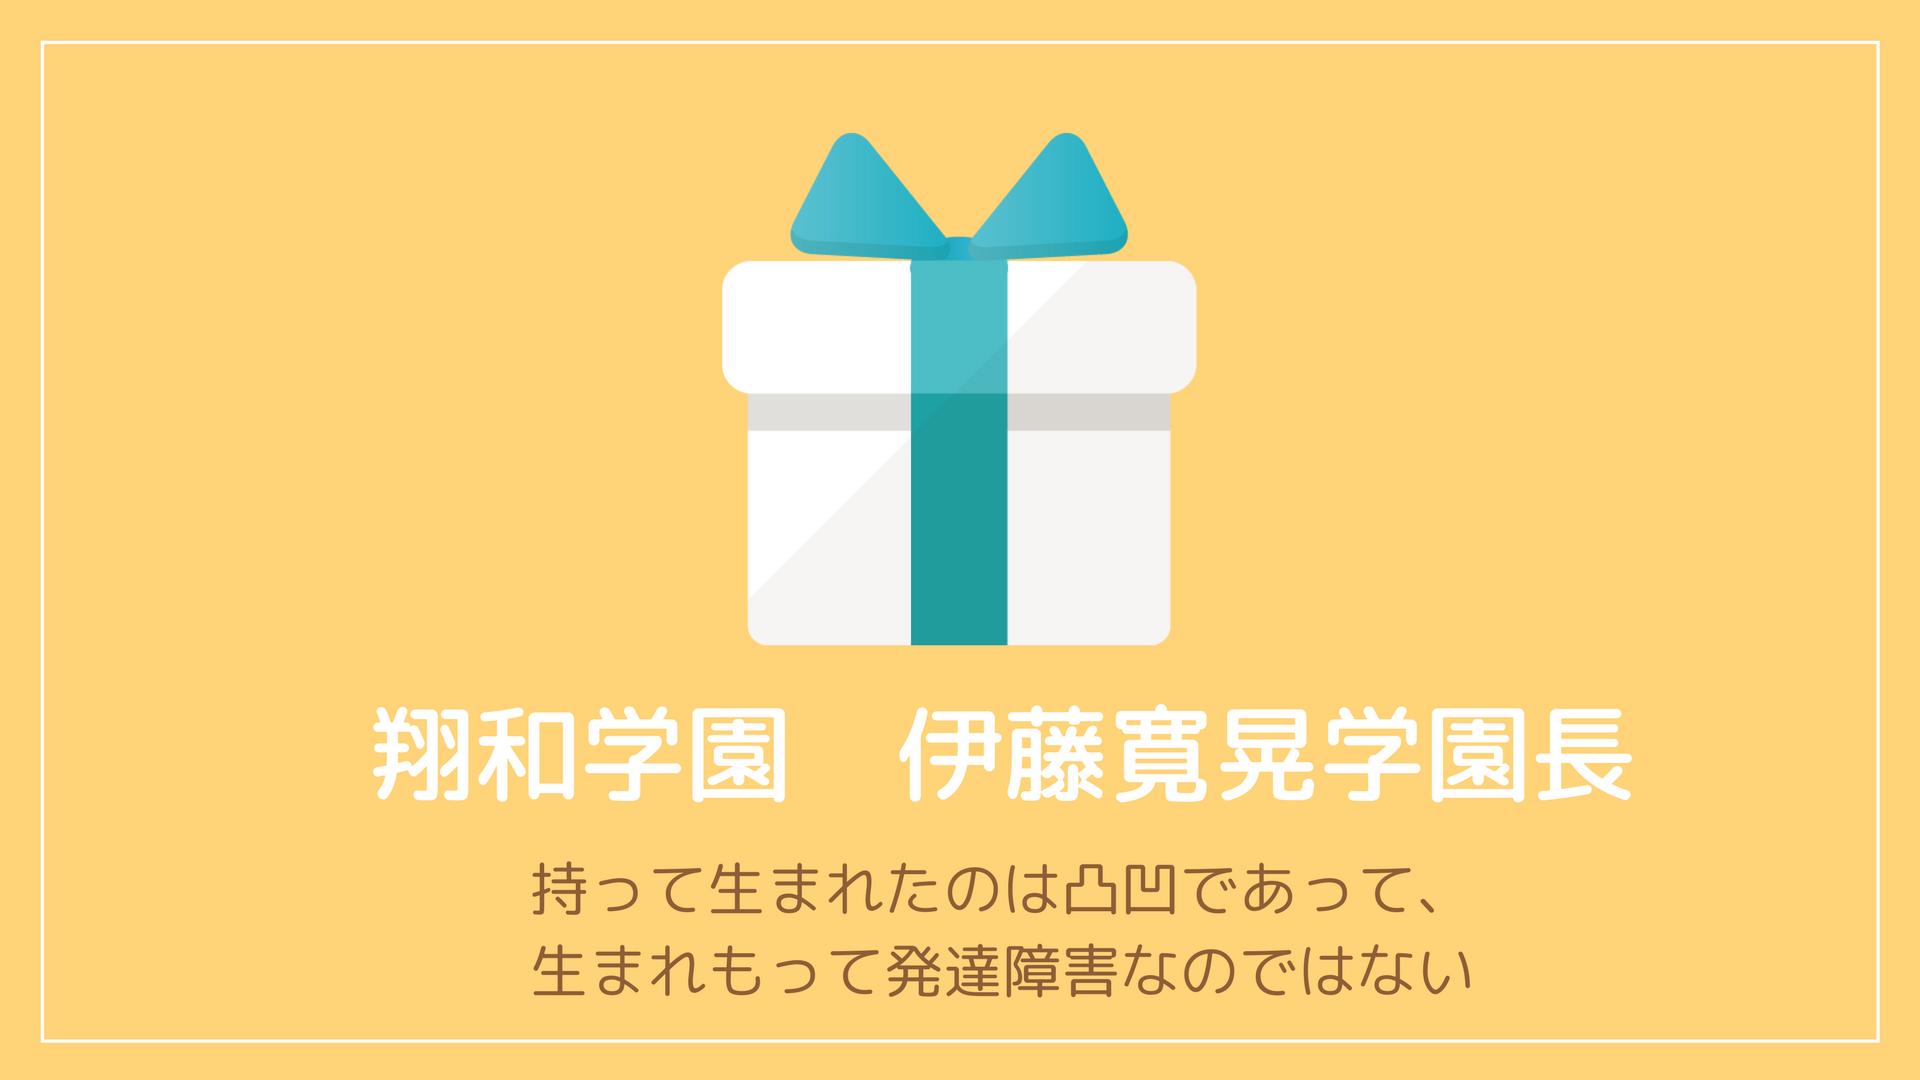 翔和学園 伊藤寛晃学園長 〜持って生まれたのは凸凹であって、生まれもって発達障害なのではない〜